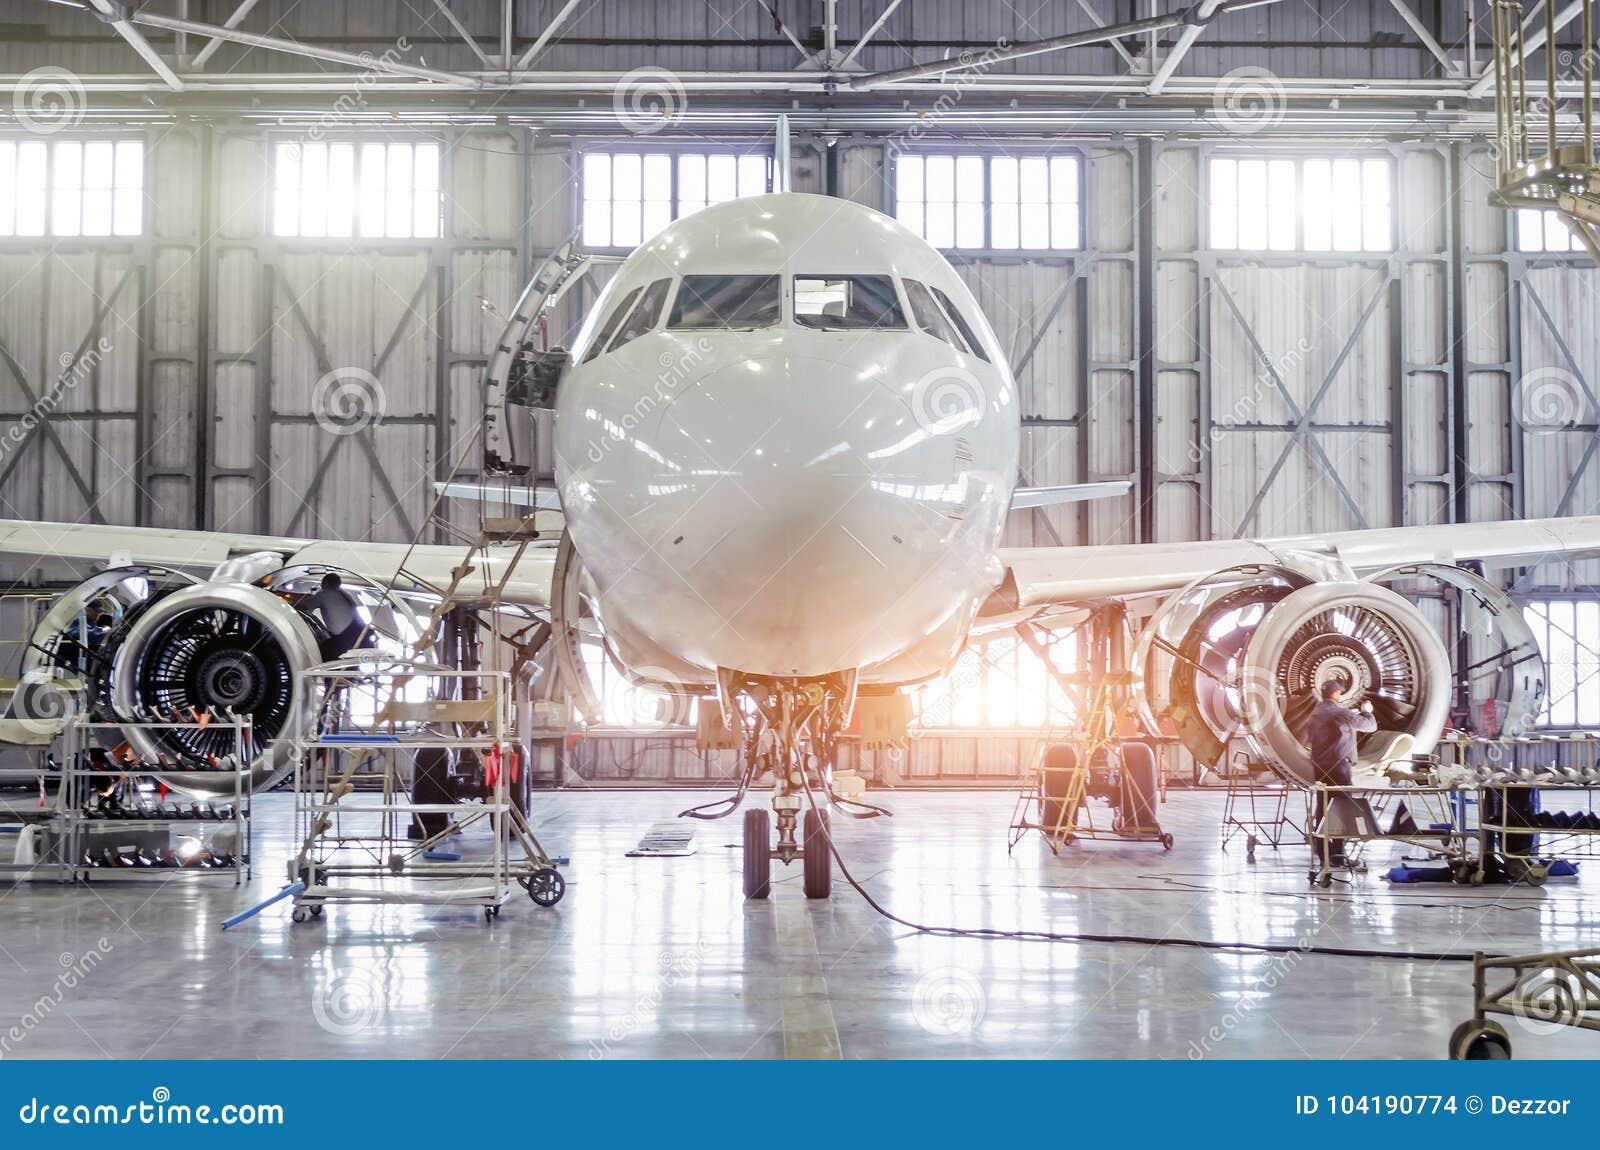 Passagierflugzeuge auf Wartung der Maschinen- und Rumpfreparatur im Flughafenhangar